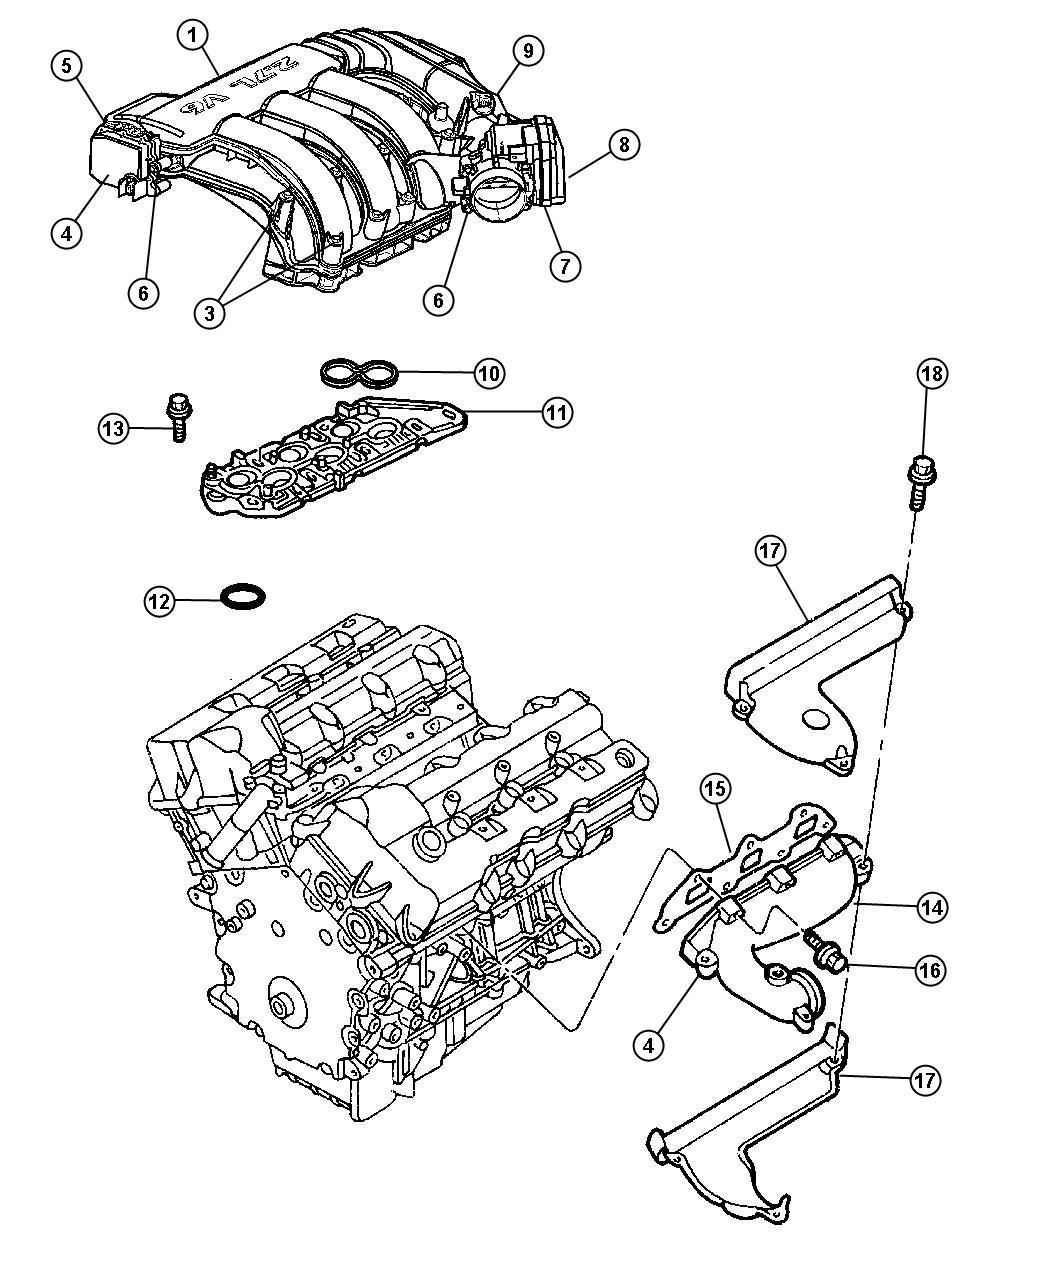 Dodge Magnum With Charger Front End : dodge, magnum, charger, front, Chrysler, Engine, Diagram, Wiring, Export, End-enter, -enter.congressosifo2018.it